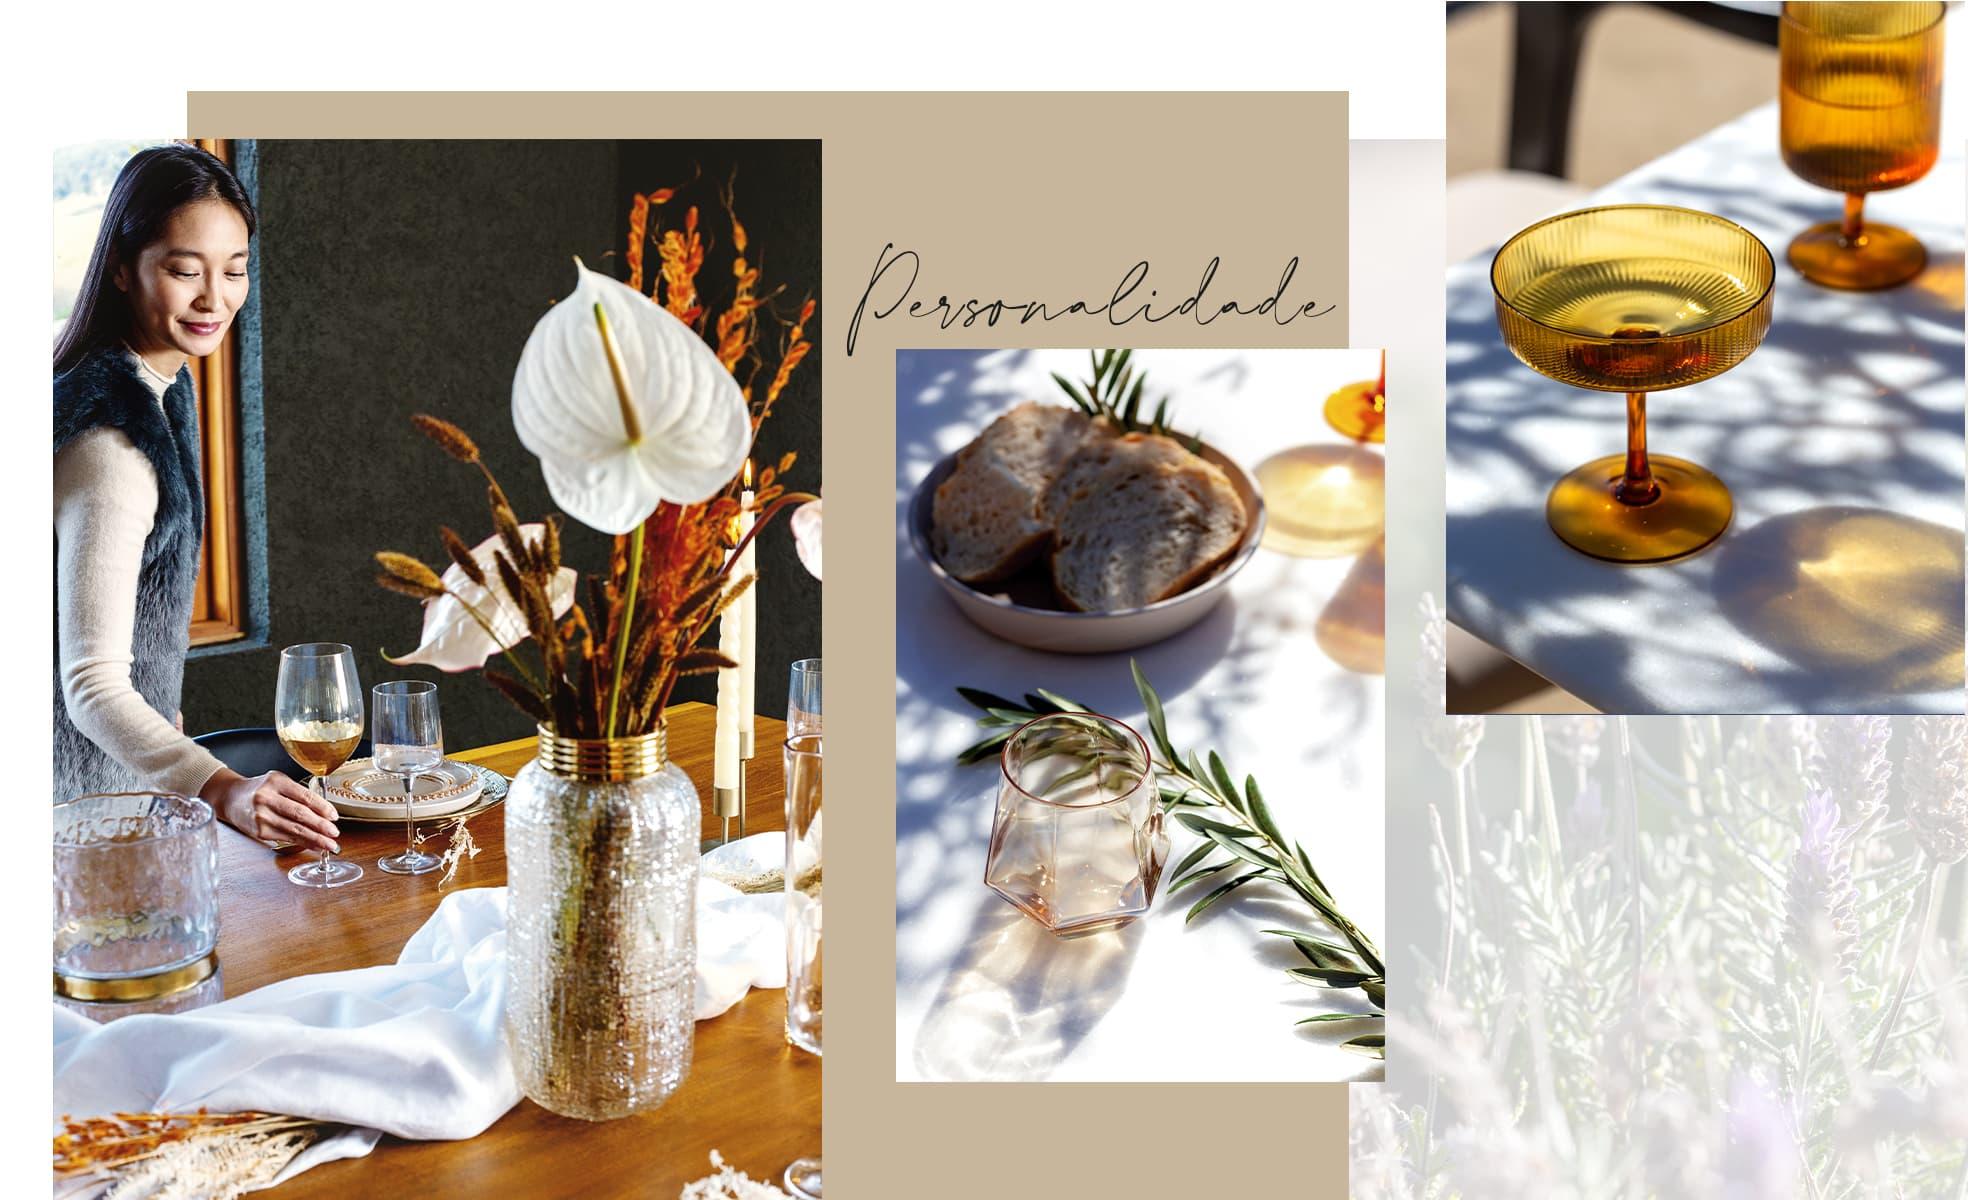 Imagens de mesa posta com itens de vidro